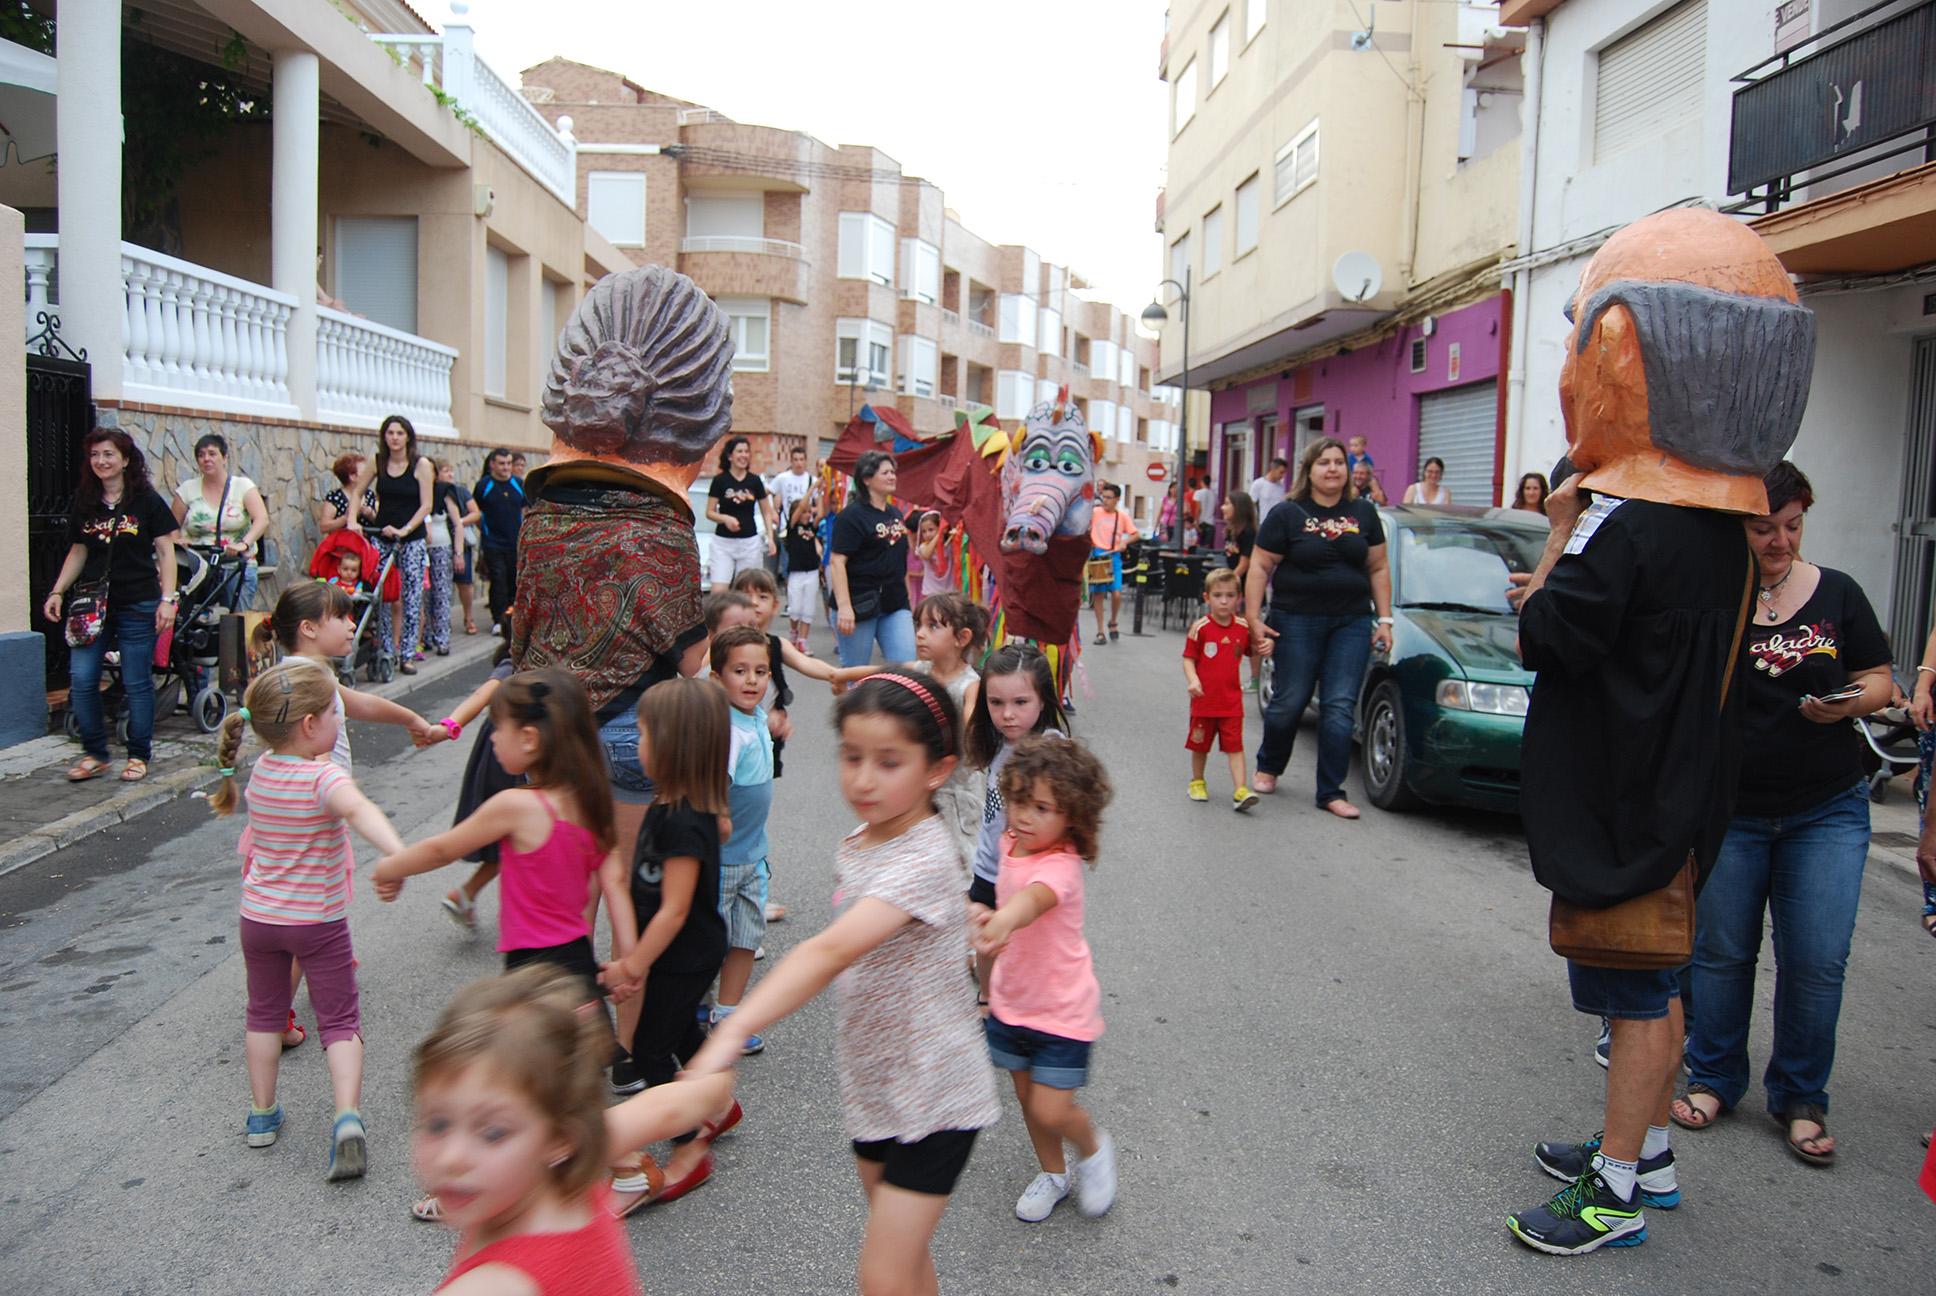 2014-06-13 Fi de curs menuts Baladre i Xafiga (165)